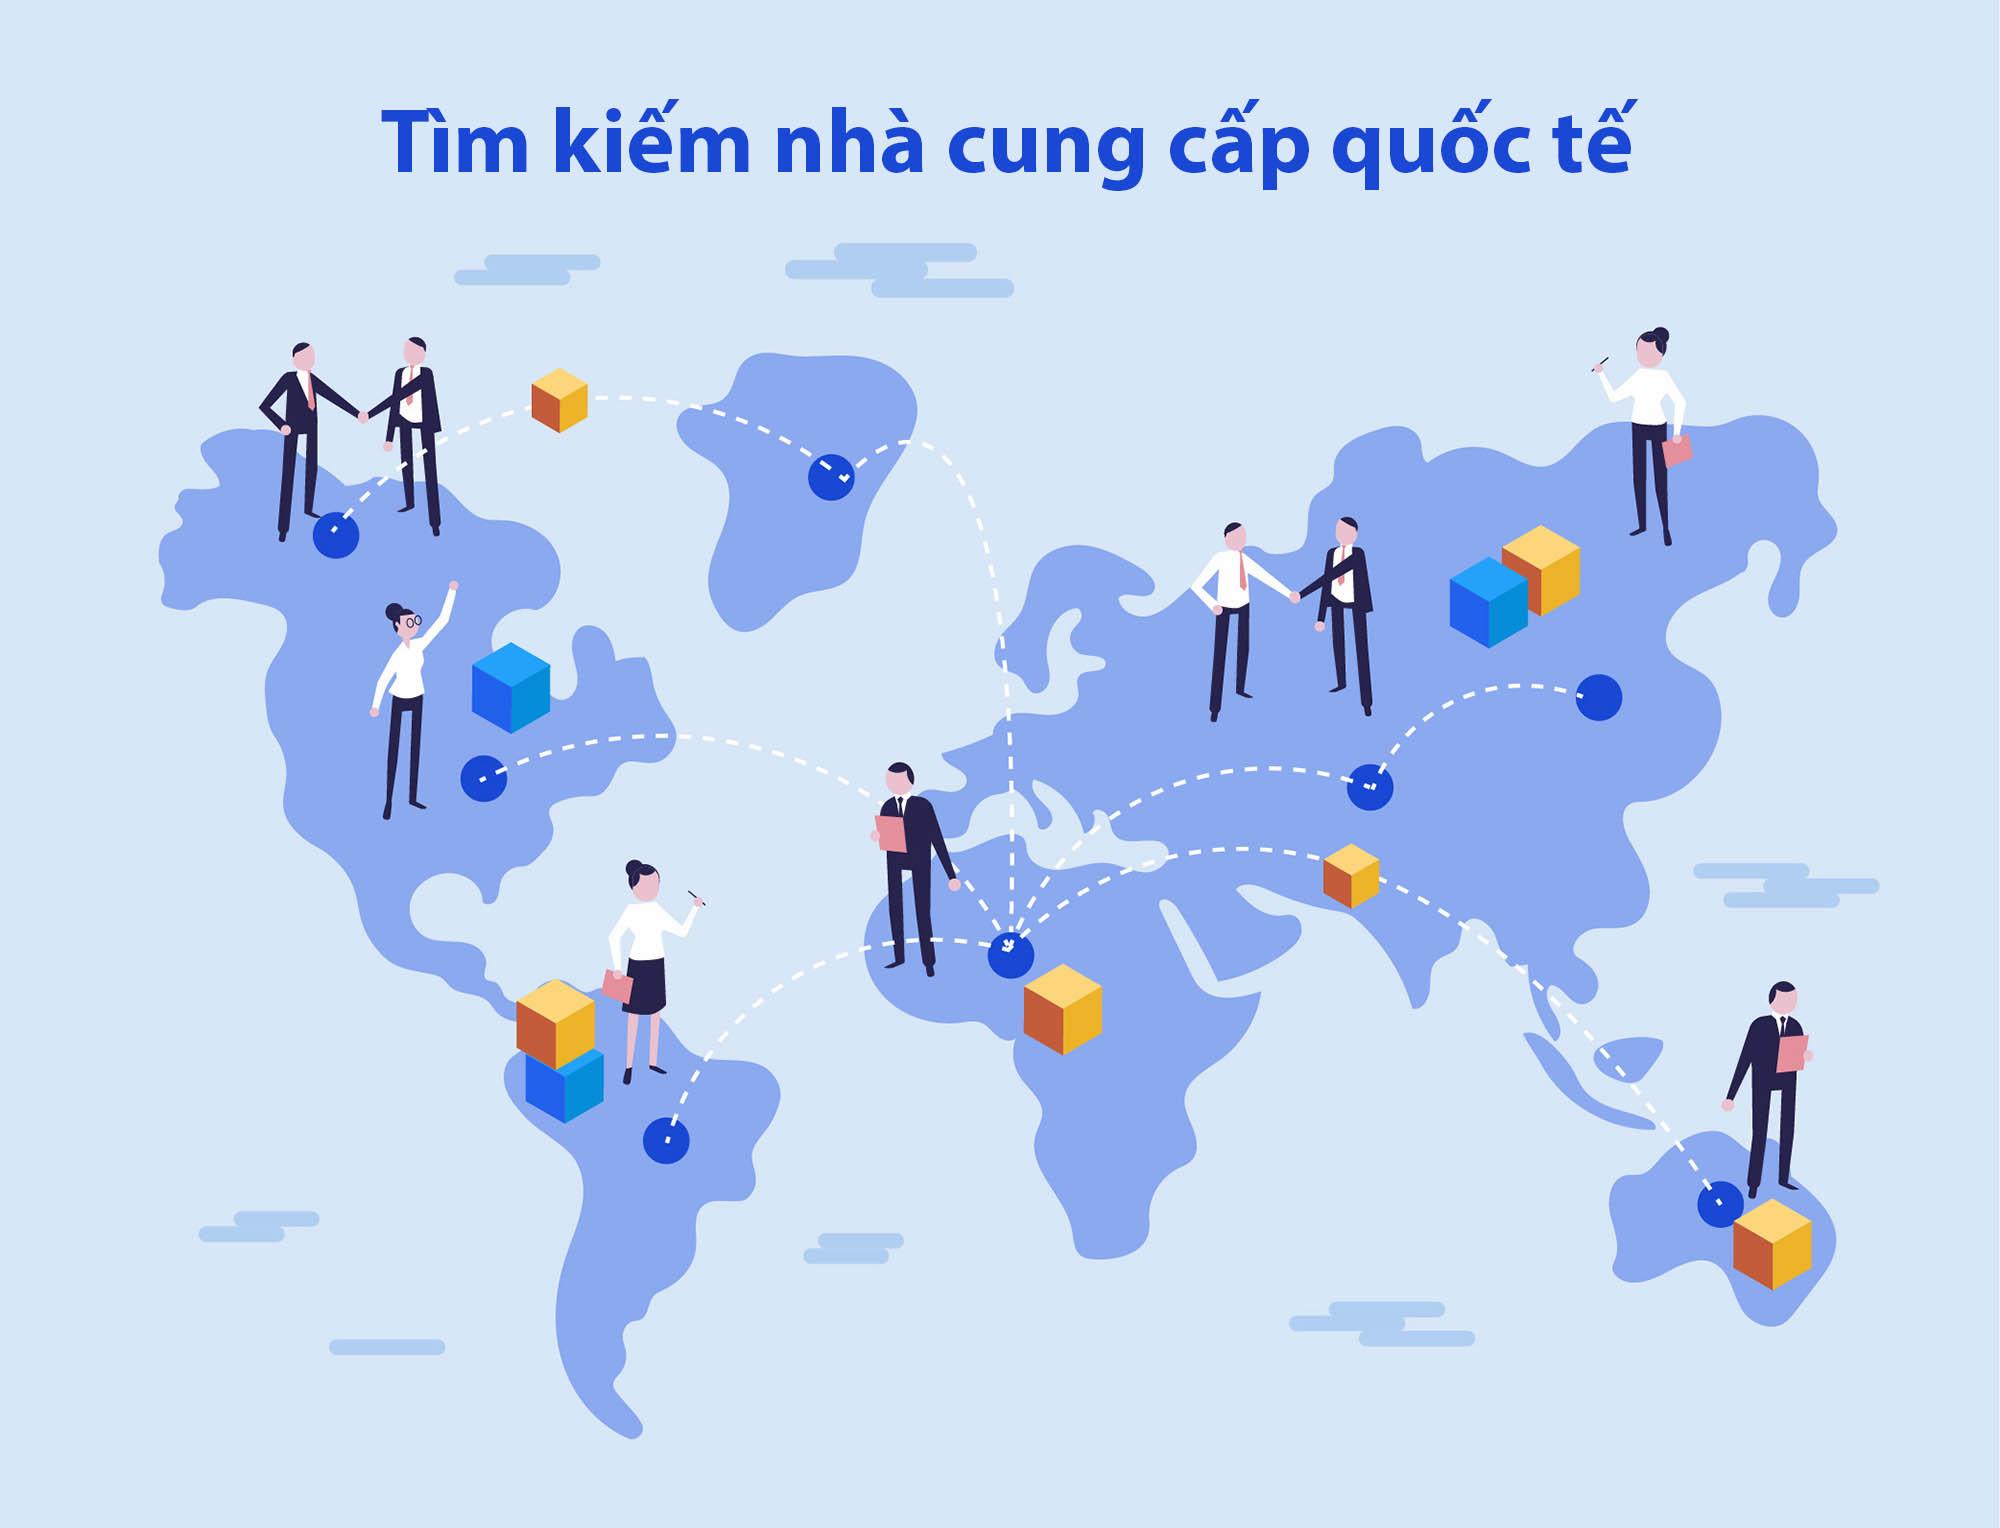 tìm kiếm nhà cung cấp quốc tế